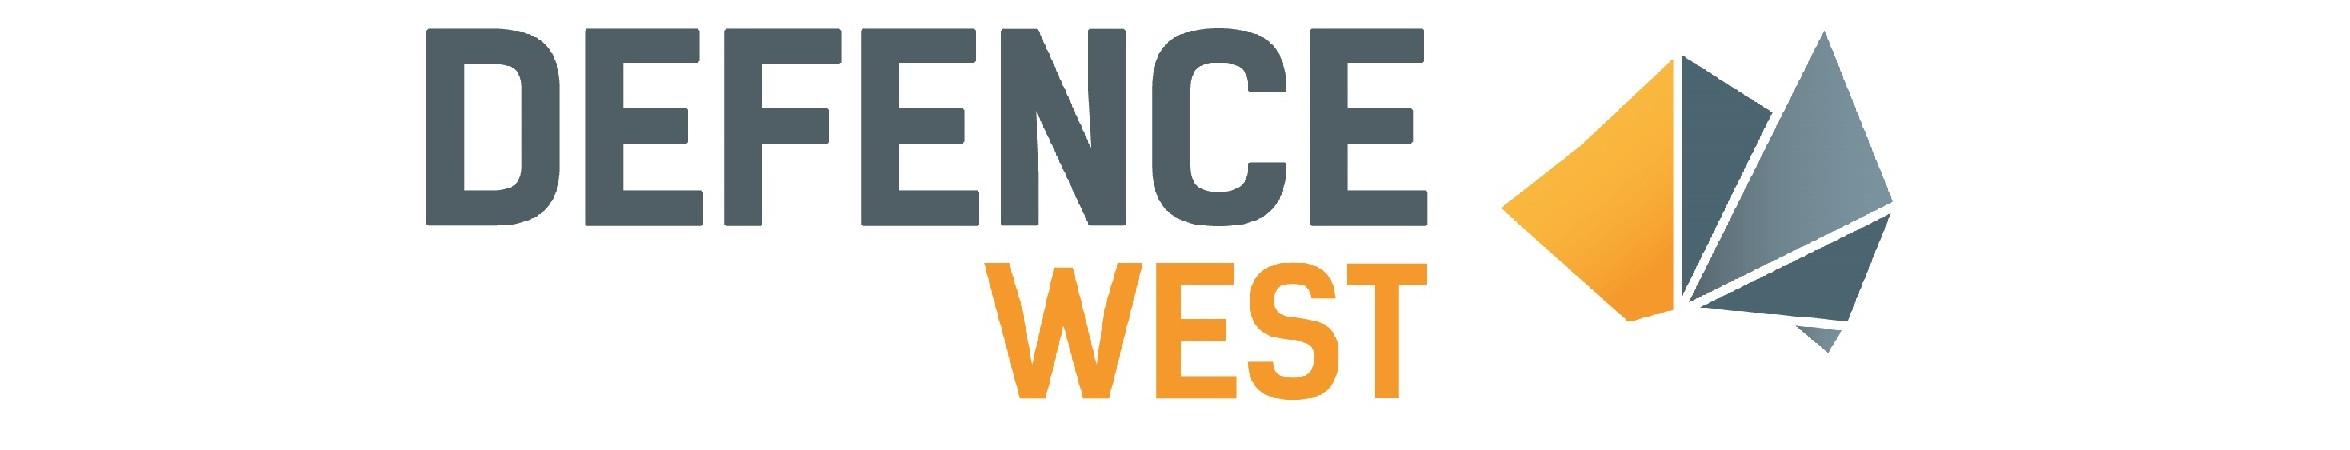 Defence west logo